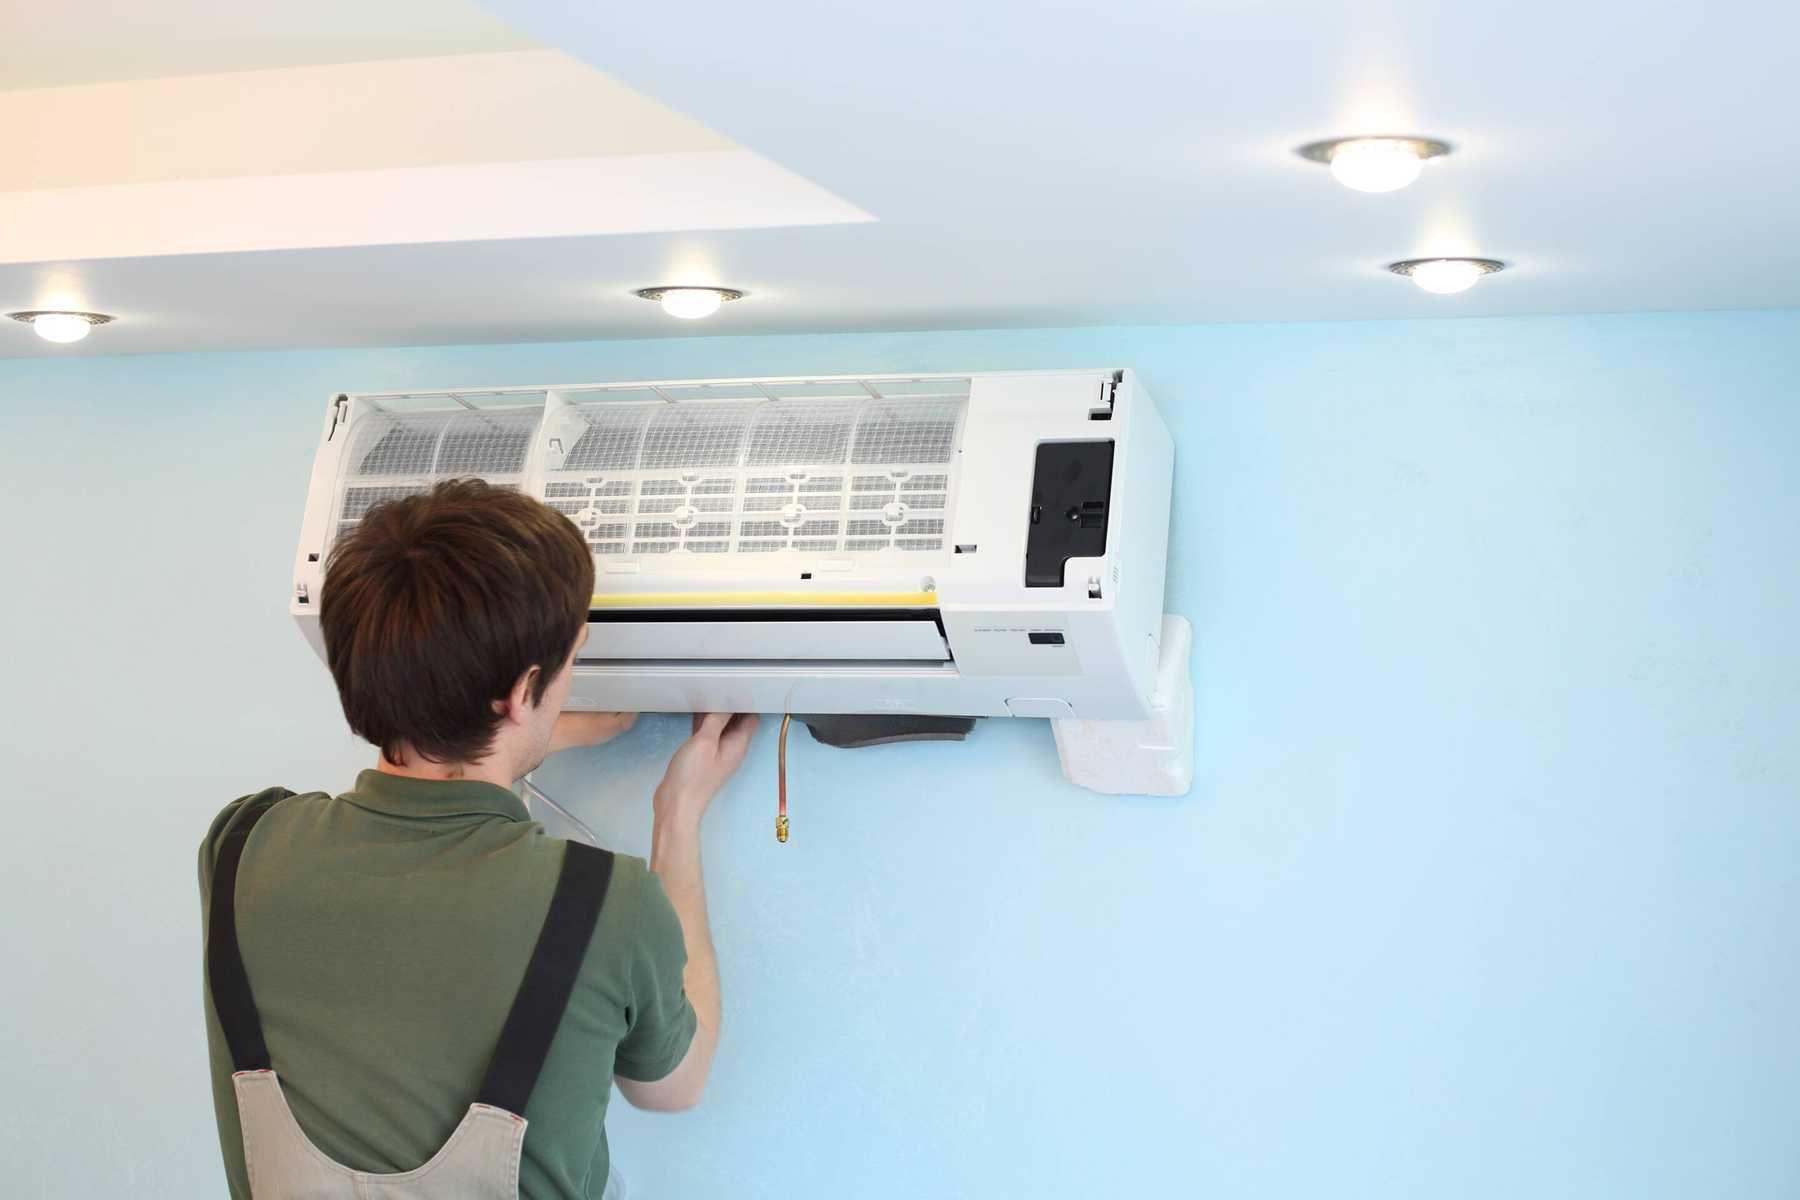 Cách tháo máy lạnh, điều hòa - Tháo ốp bên dưới máy (phần ốp máy dưới cánh quạt đảo ngang)